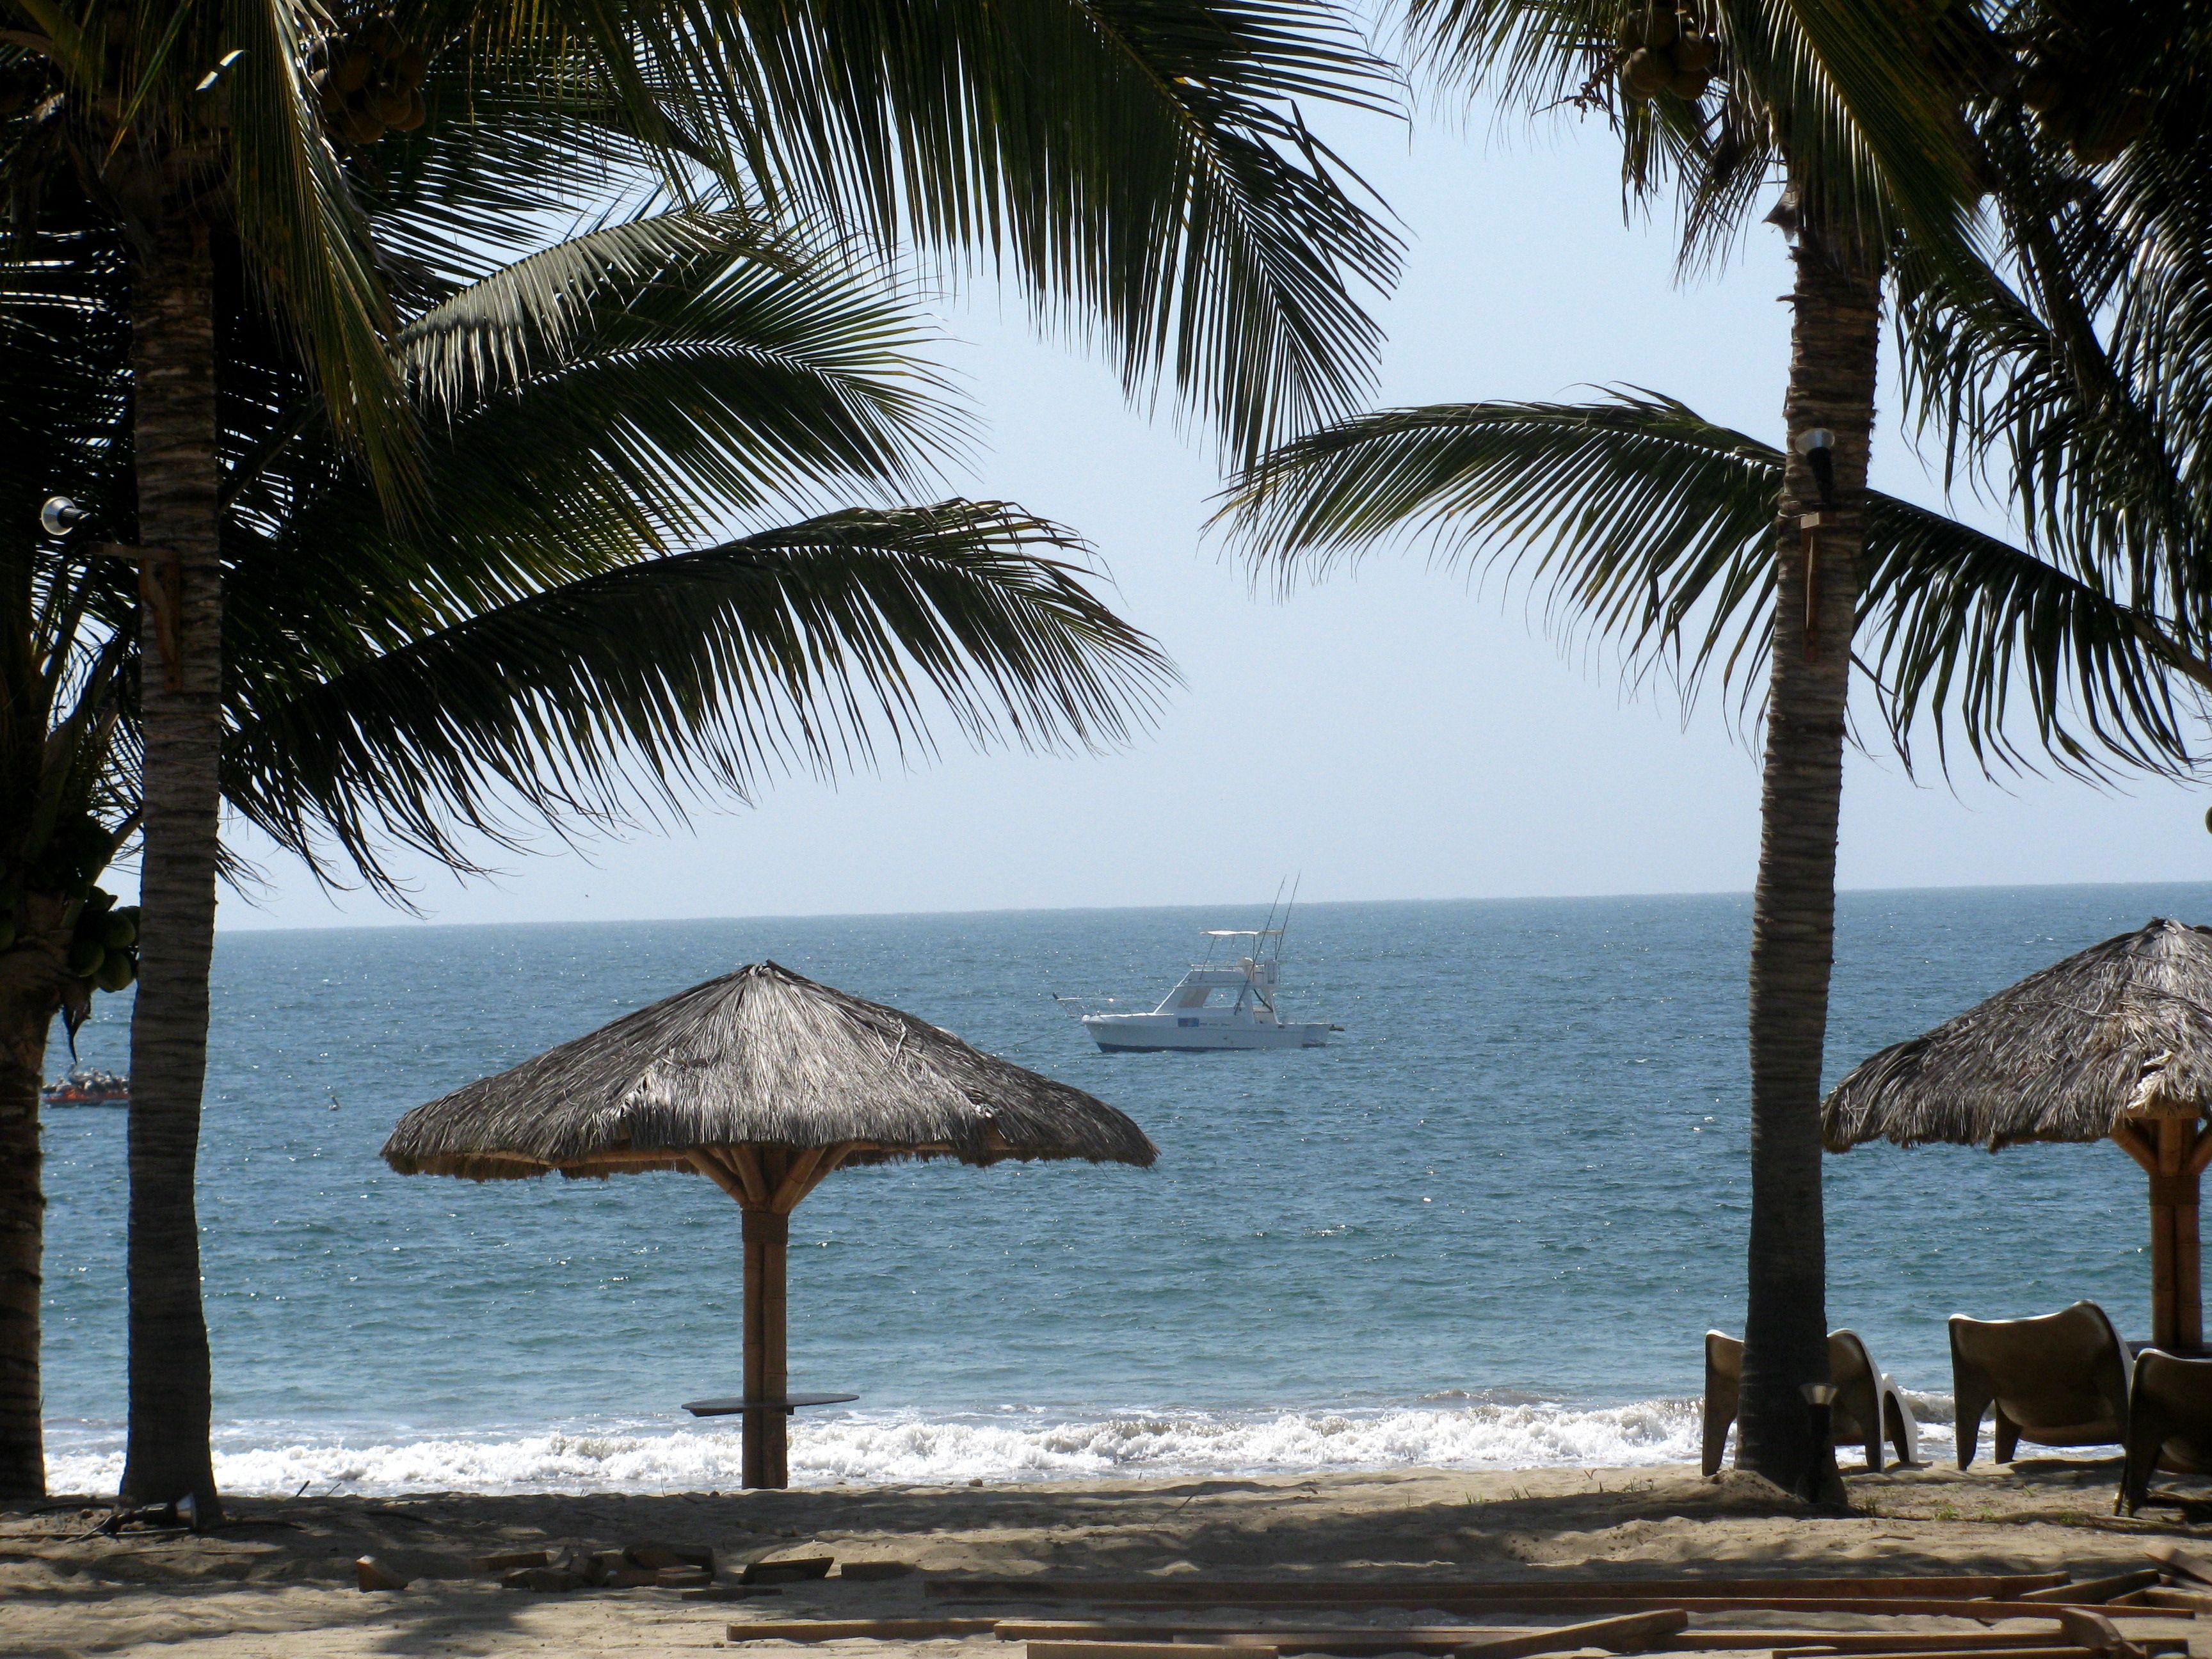 Playa Punta Sal